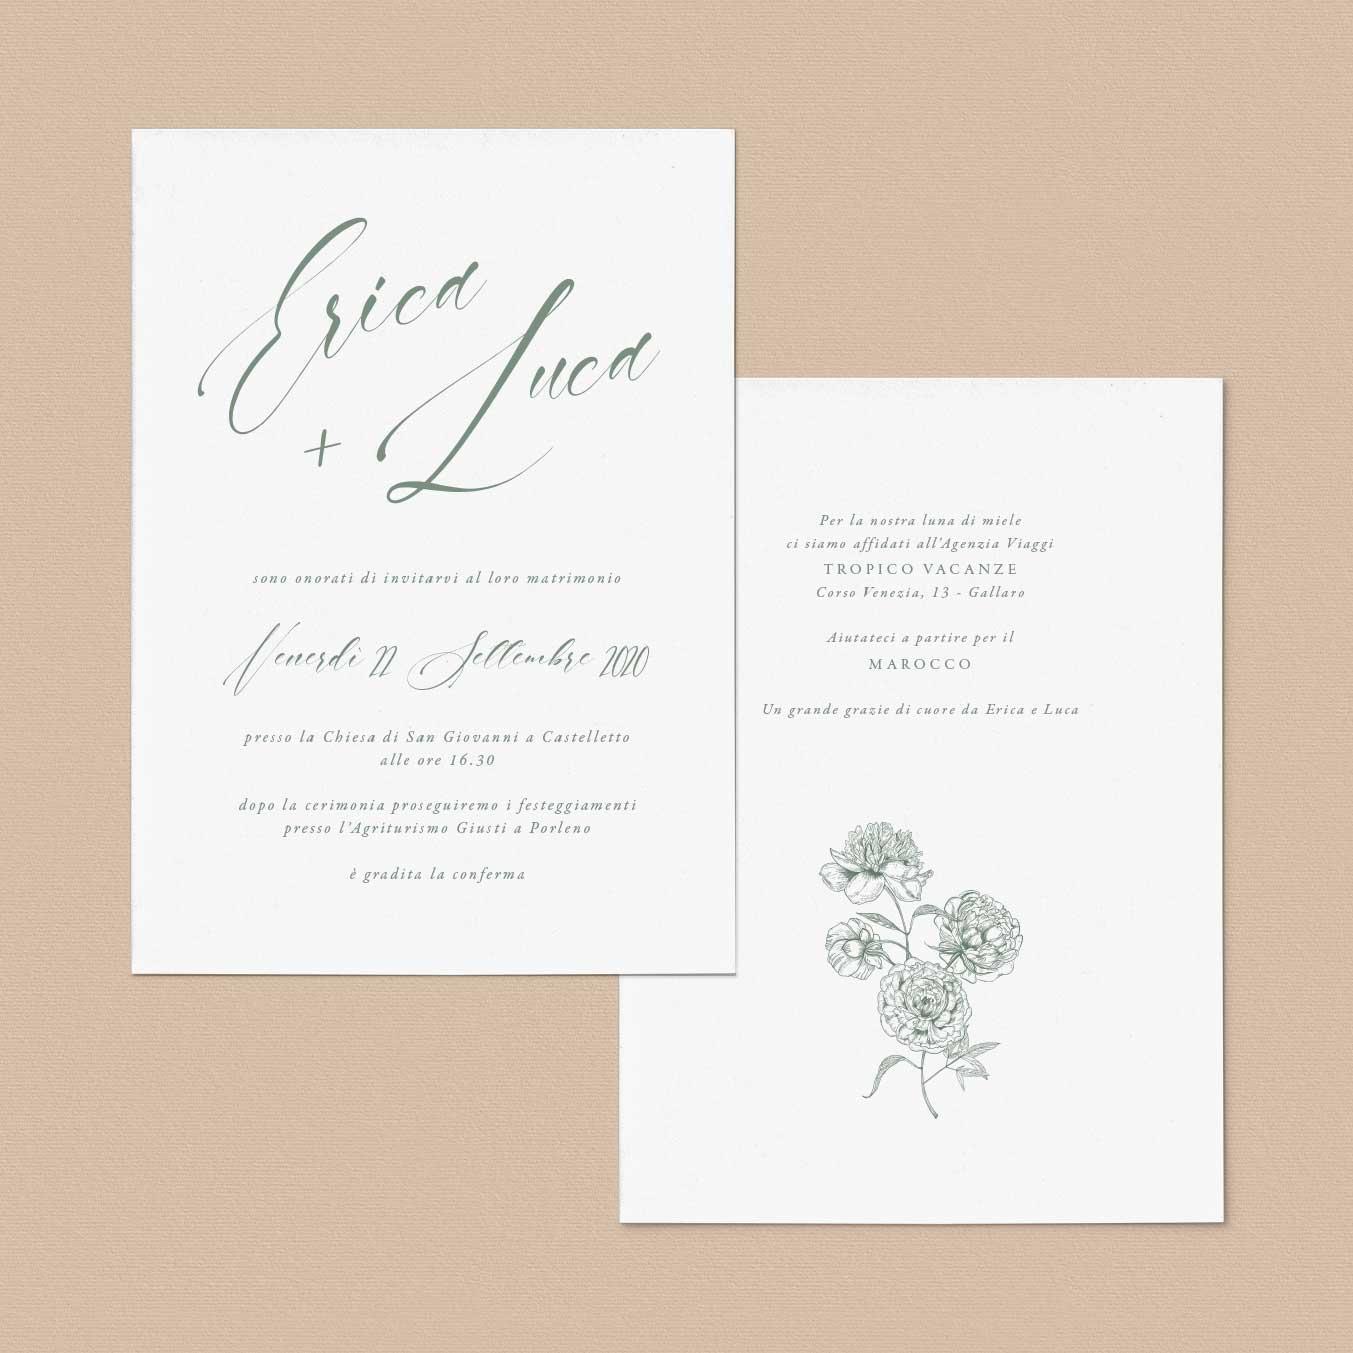 Iniviti-partecipazioni-Vintage-matrimonio-nozze-2020-calligrafia-calligraphy-corsivo-elegante-fiori-fiore-flower